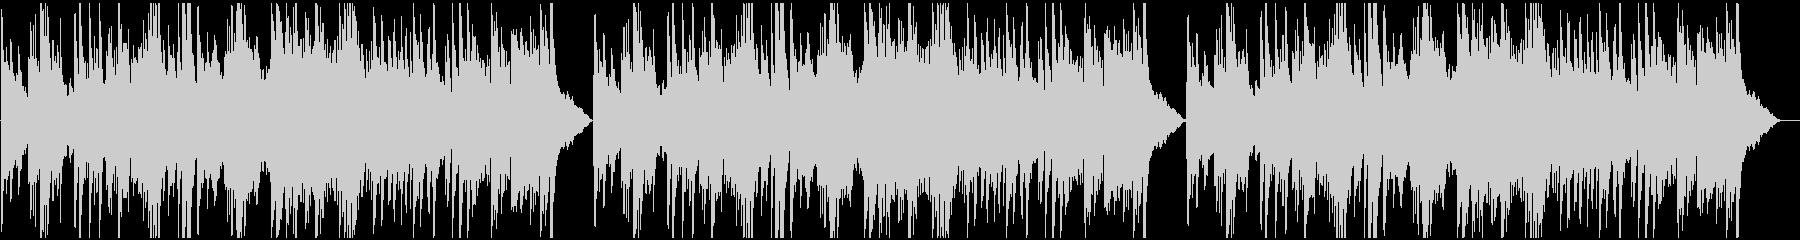 ピアノとストリングスで不安を表現した曲の未再生の波形